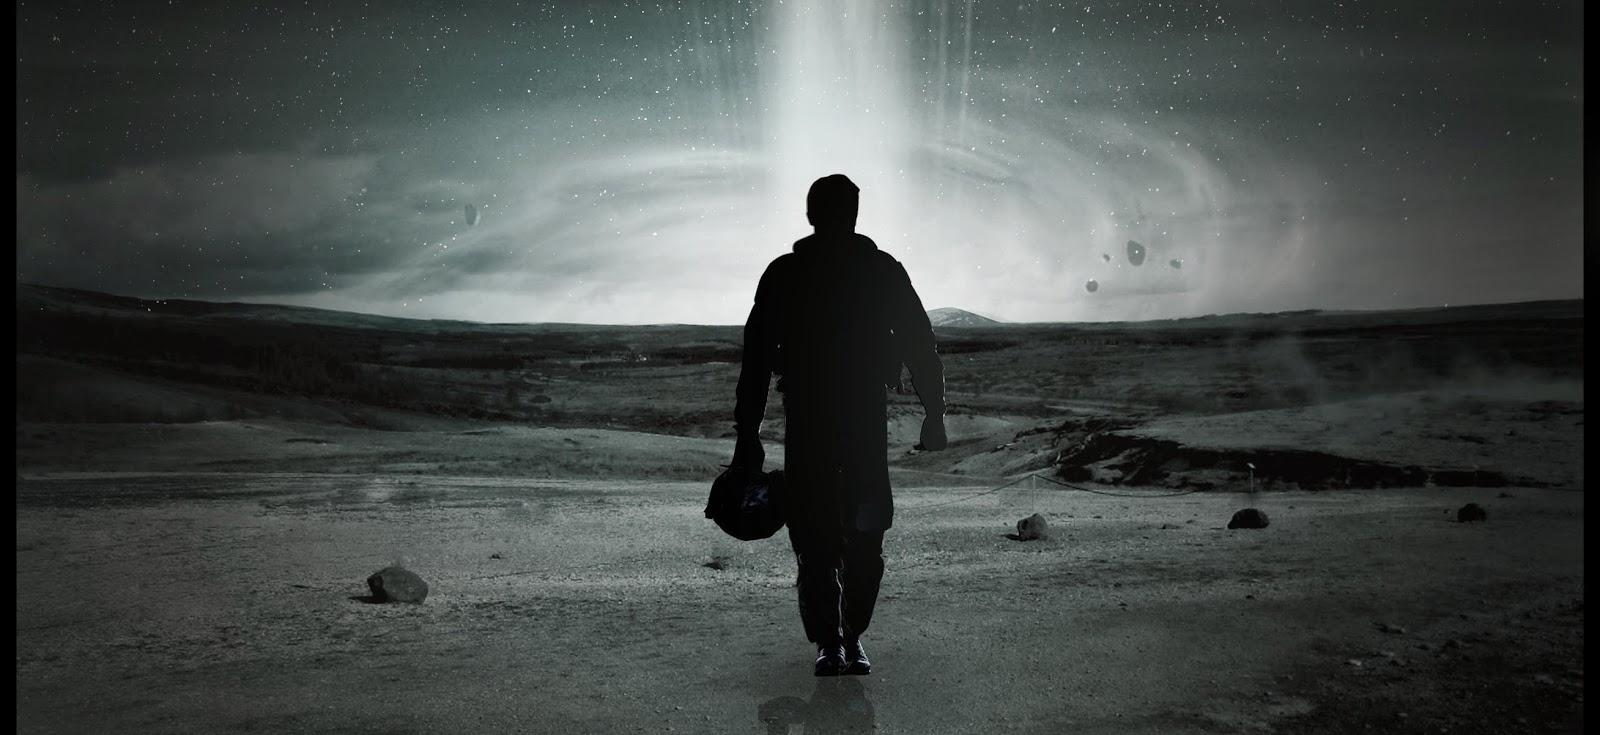 Interestelar | Veja o trailer completo da ficção de Christopher Nolan, com Matthew McConaughey e Anne Hathaway